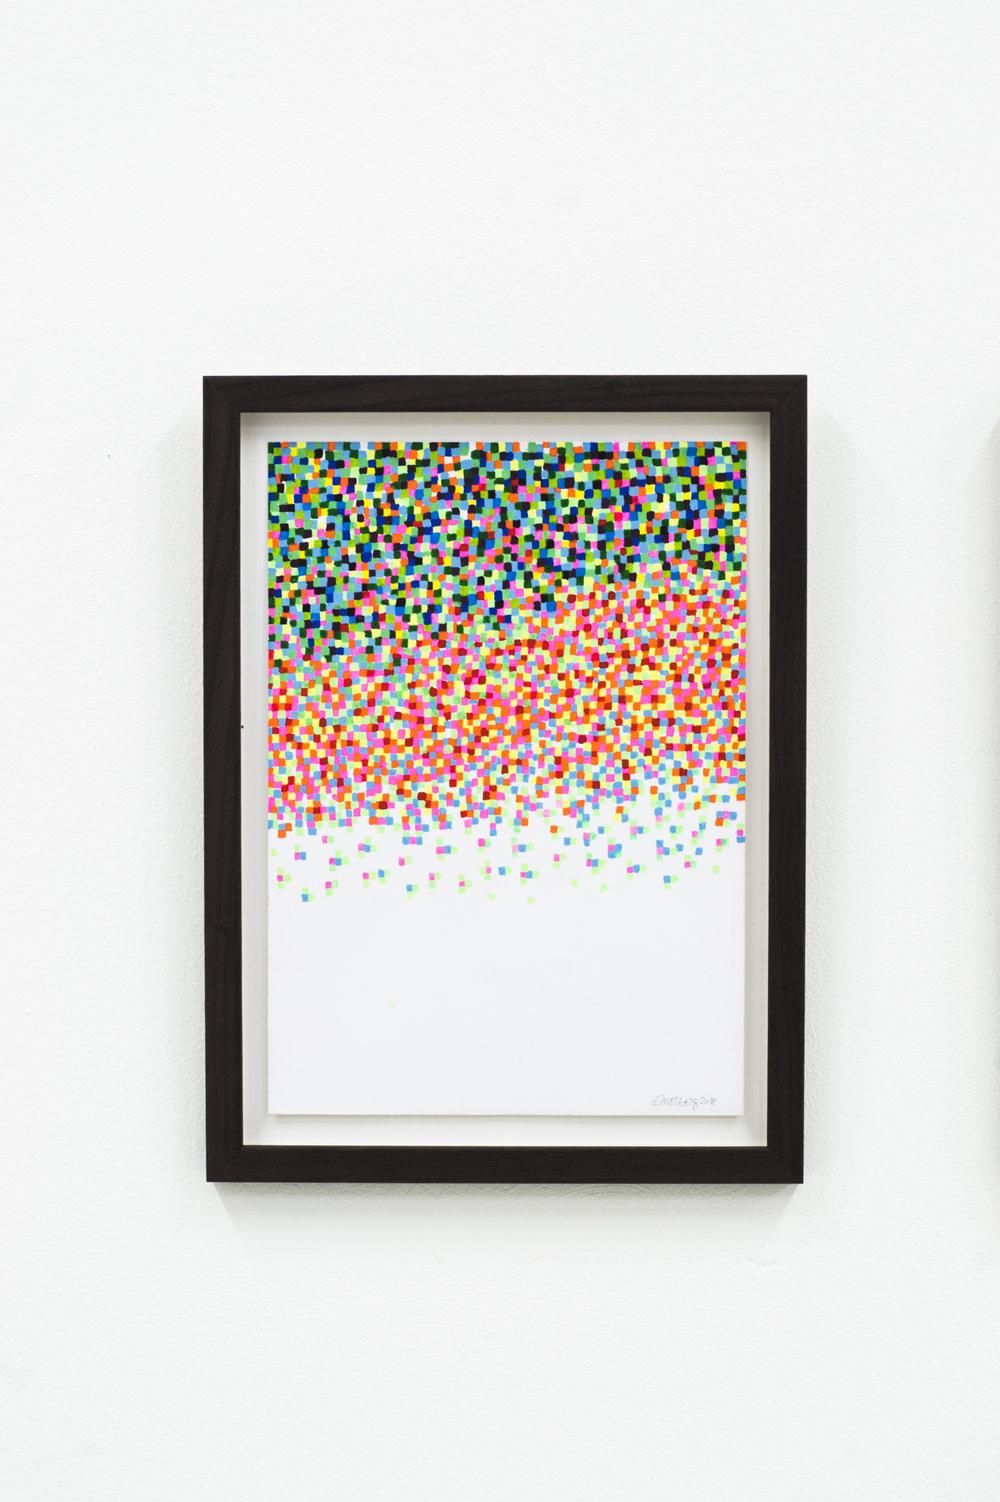 Mosaic drawings (2018)  35 x 26,2cm  Photo: Jan Inge Haga